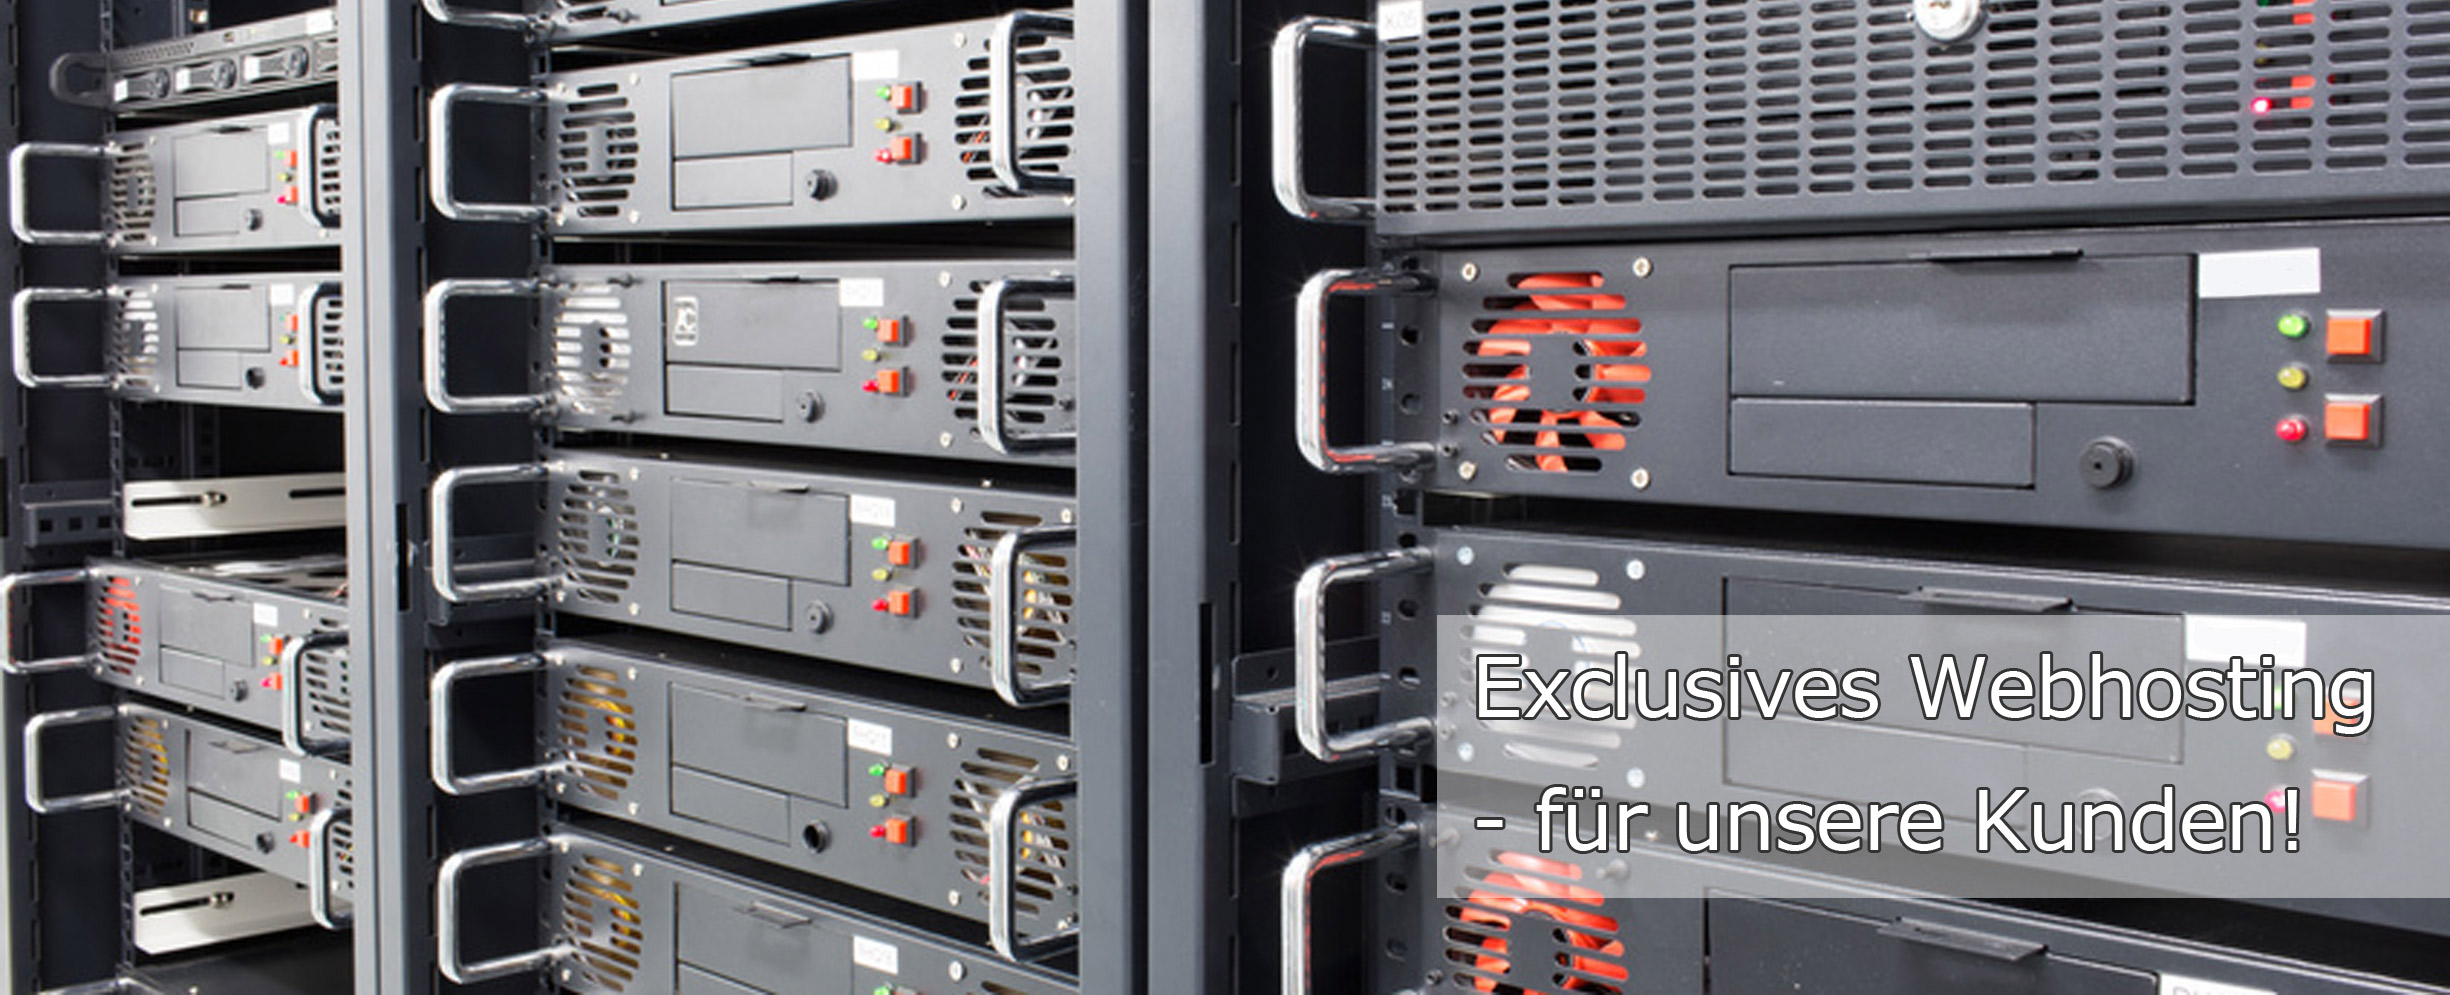 Exclusives Webhosting für Kunden